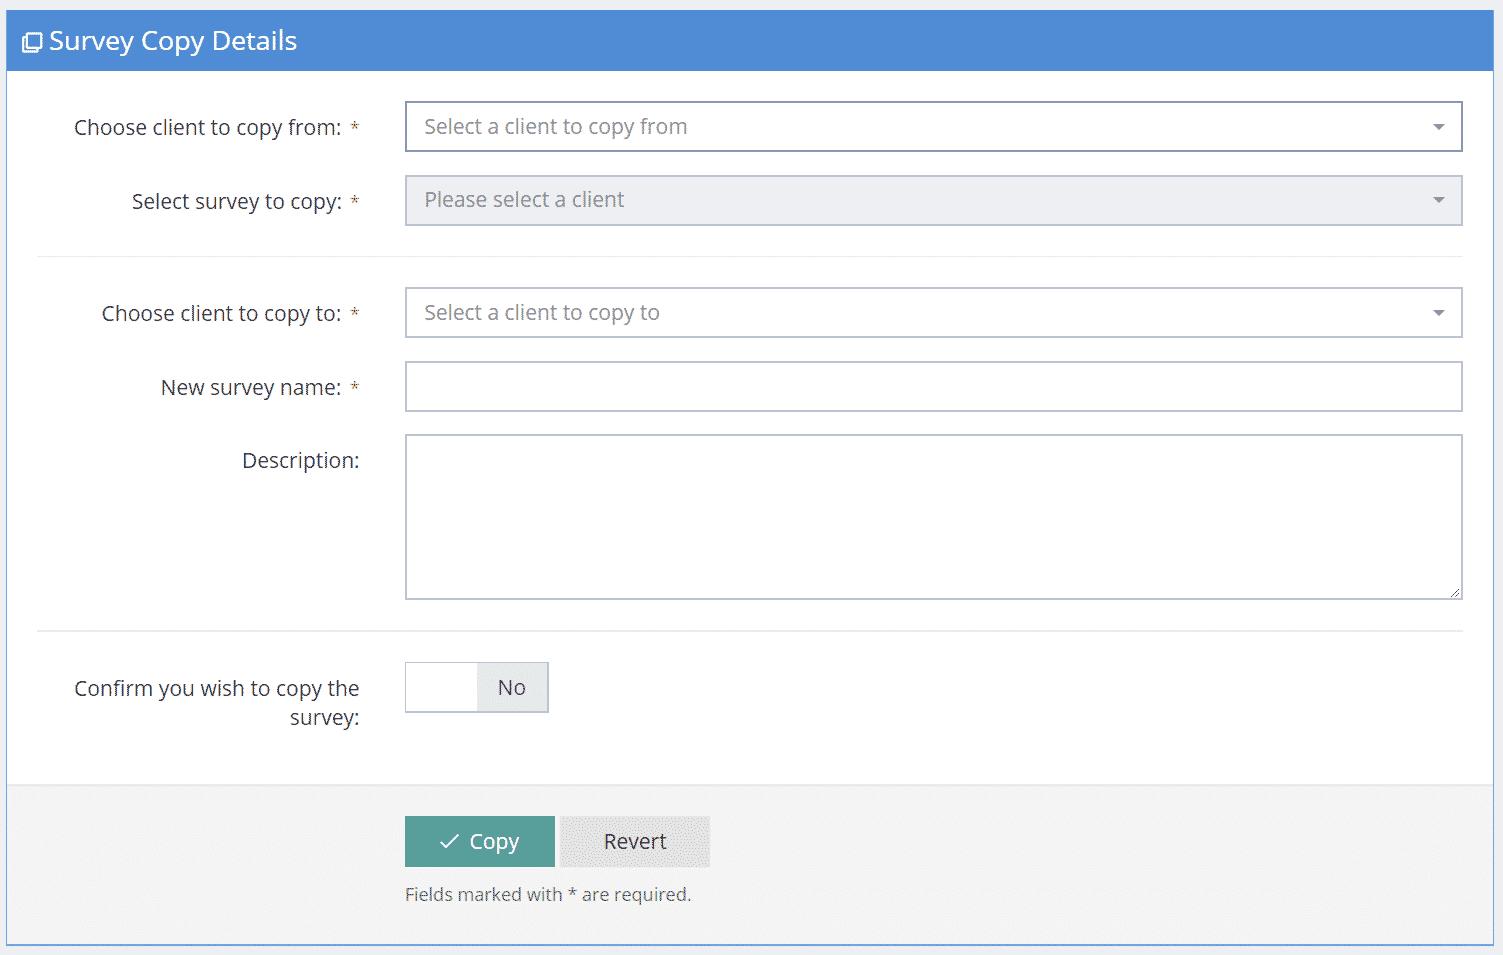 Console Survey Copy